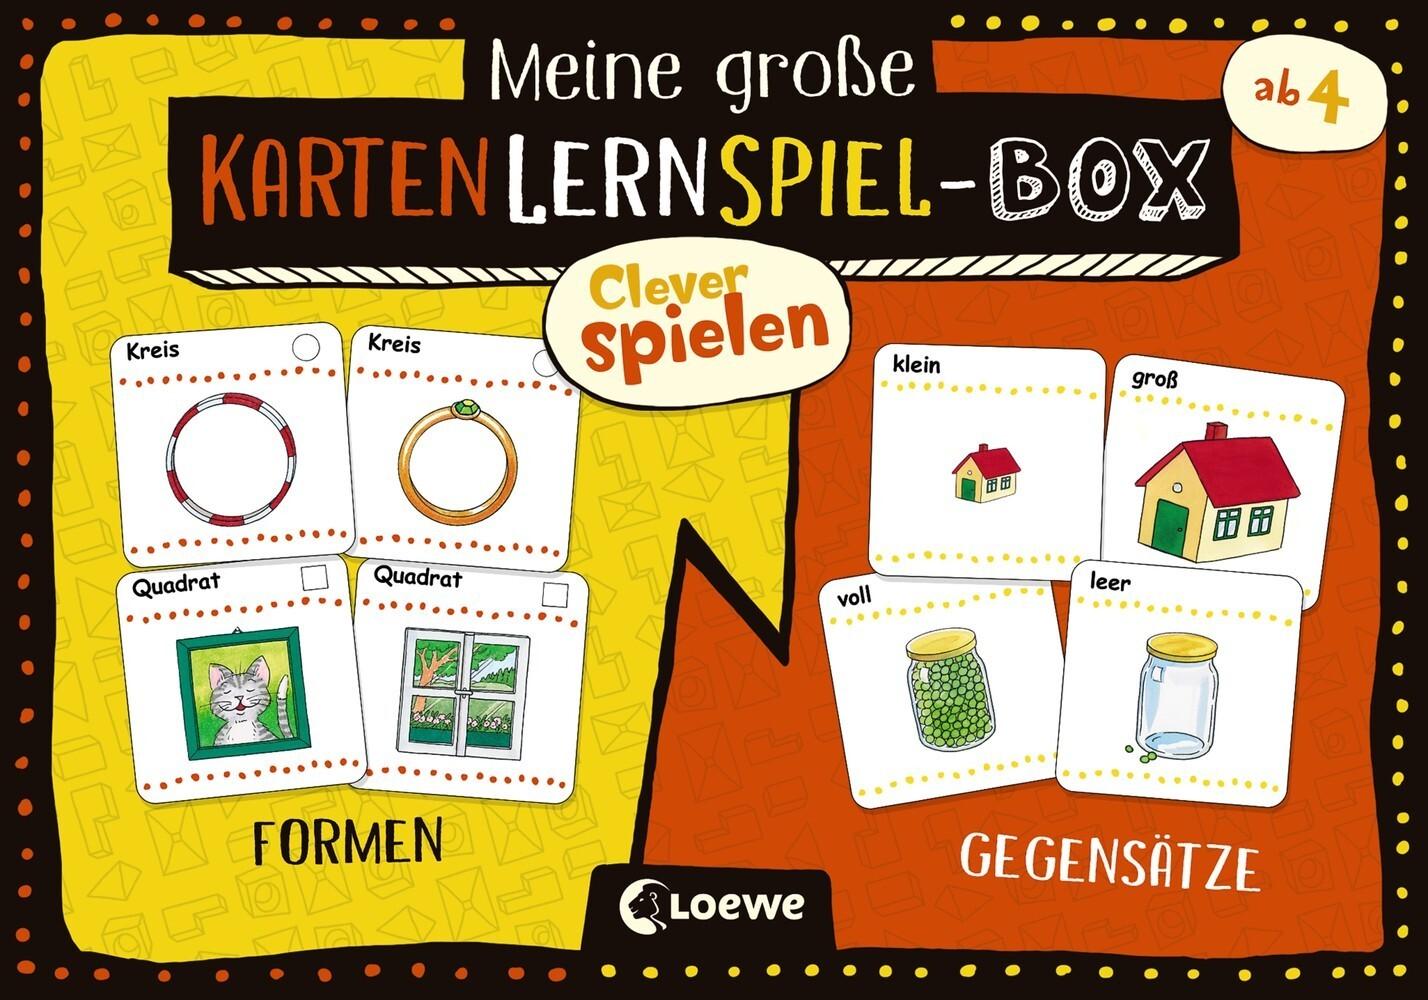 Clever spielen - Meine große KartenLernSpiel-Box - Formen/Gegensätze als Spielware